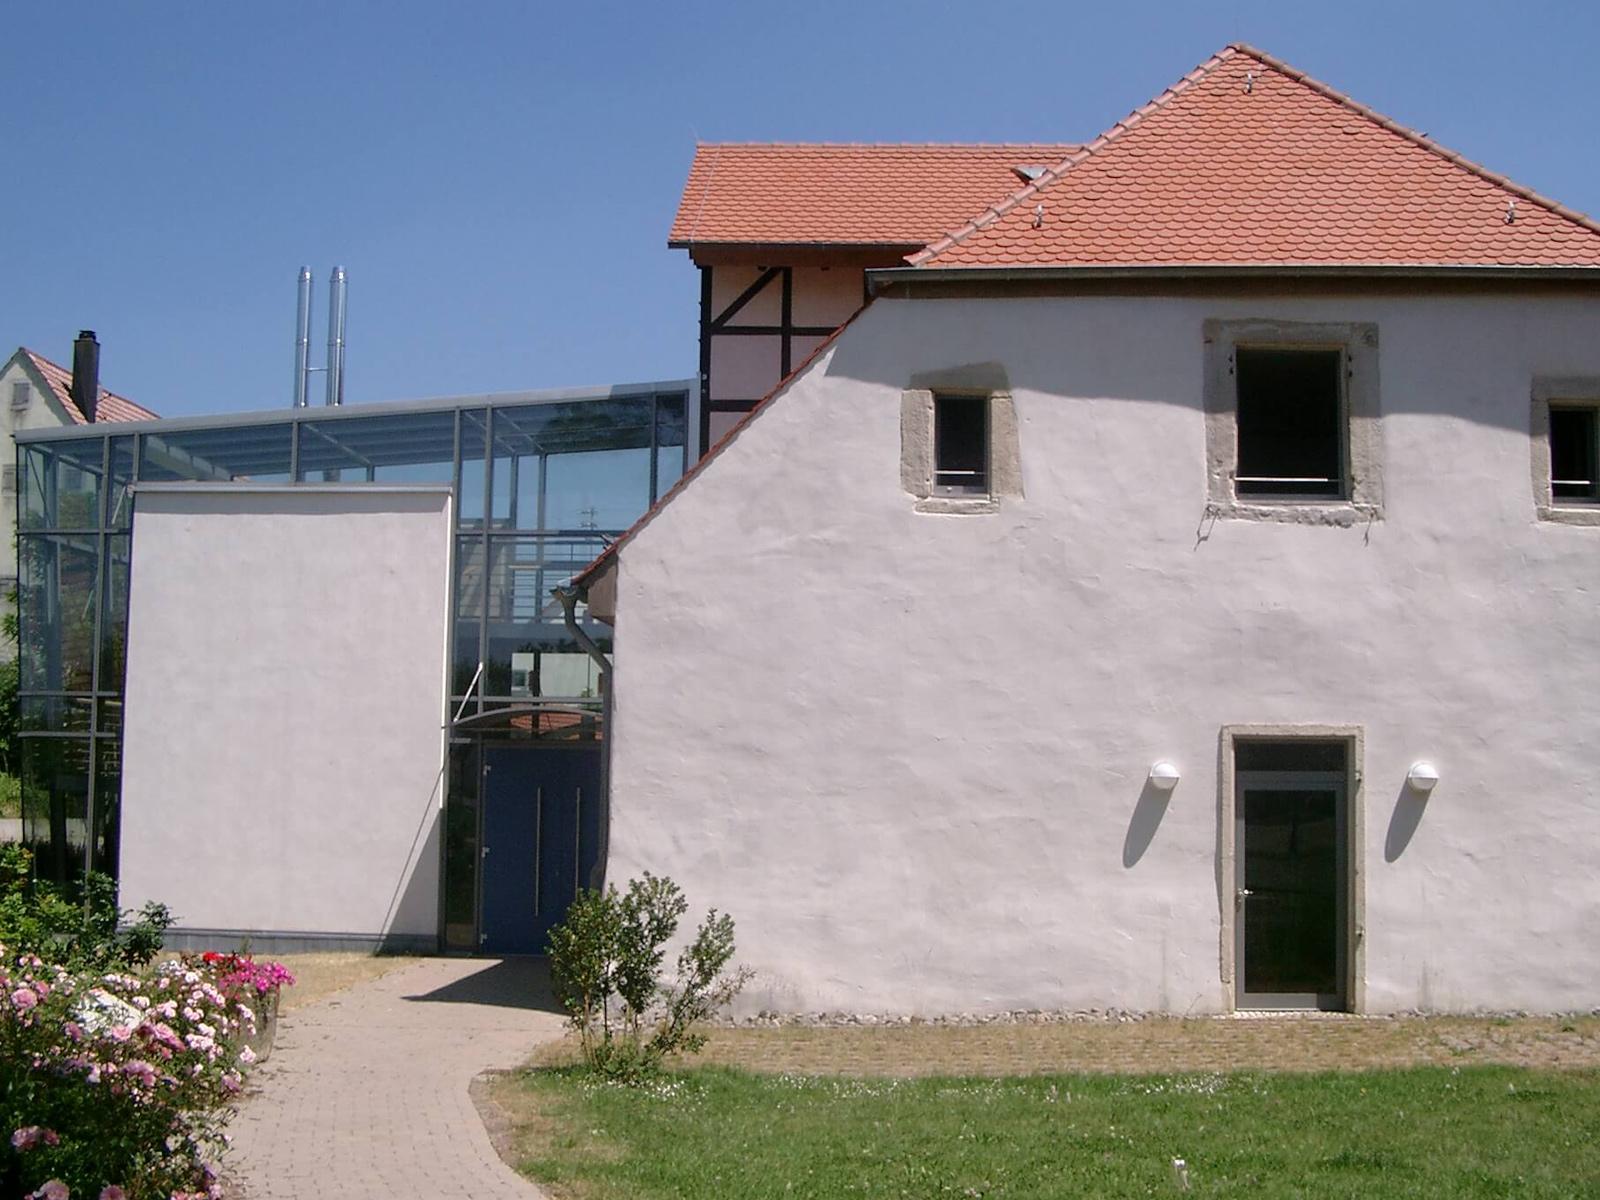 Bürgerhaus der Gemeinde Hirrlingen